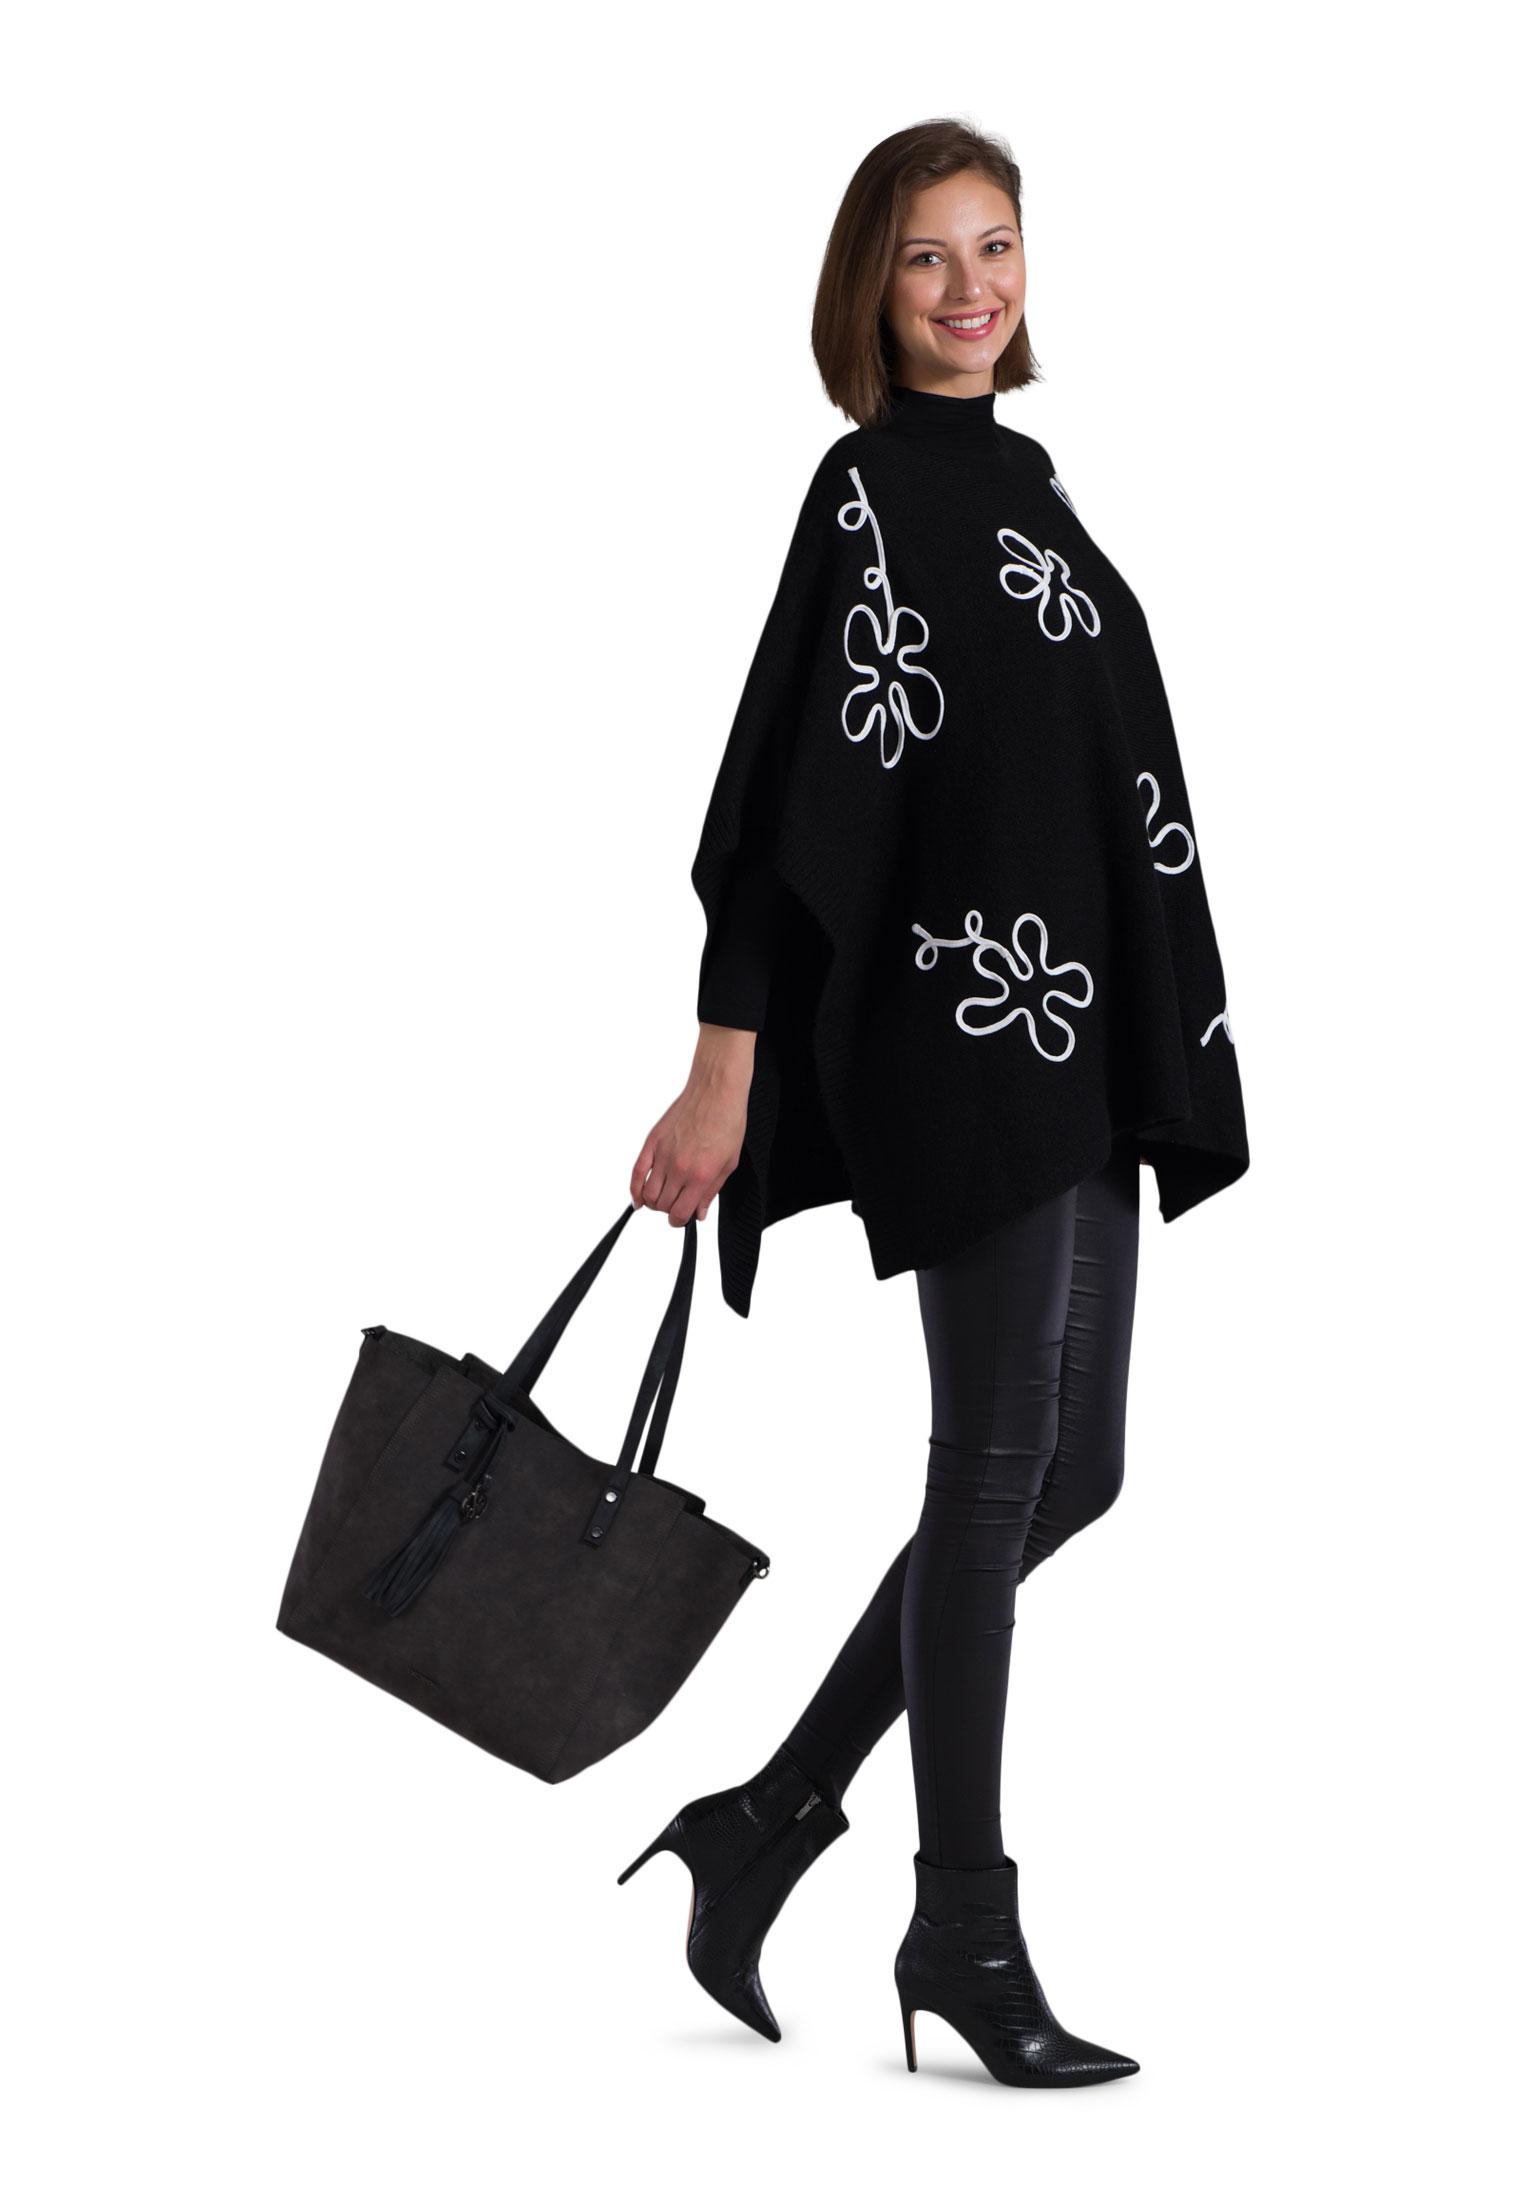 Shopper Bag in Bag Surprise